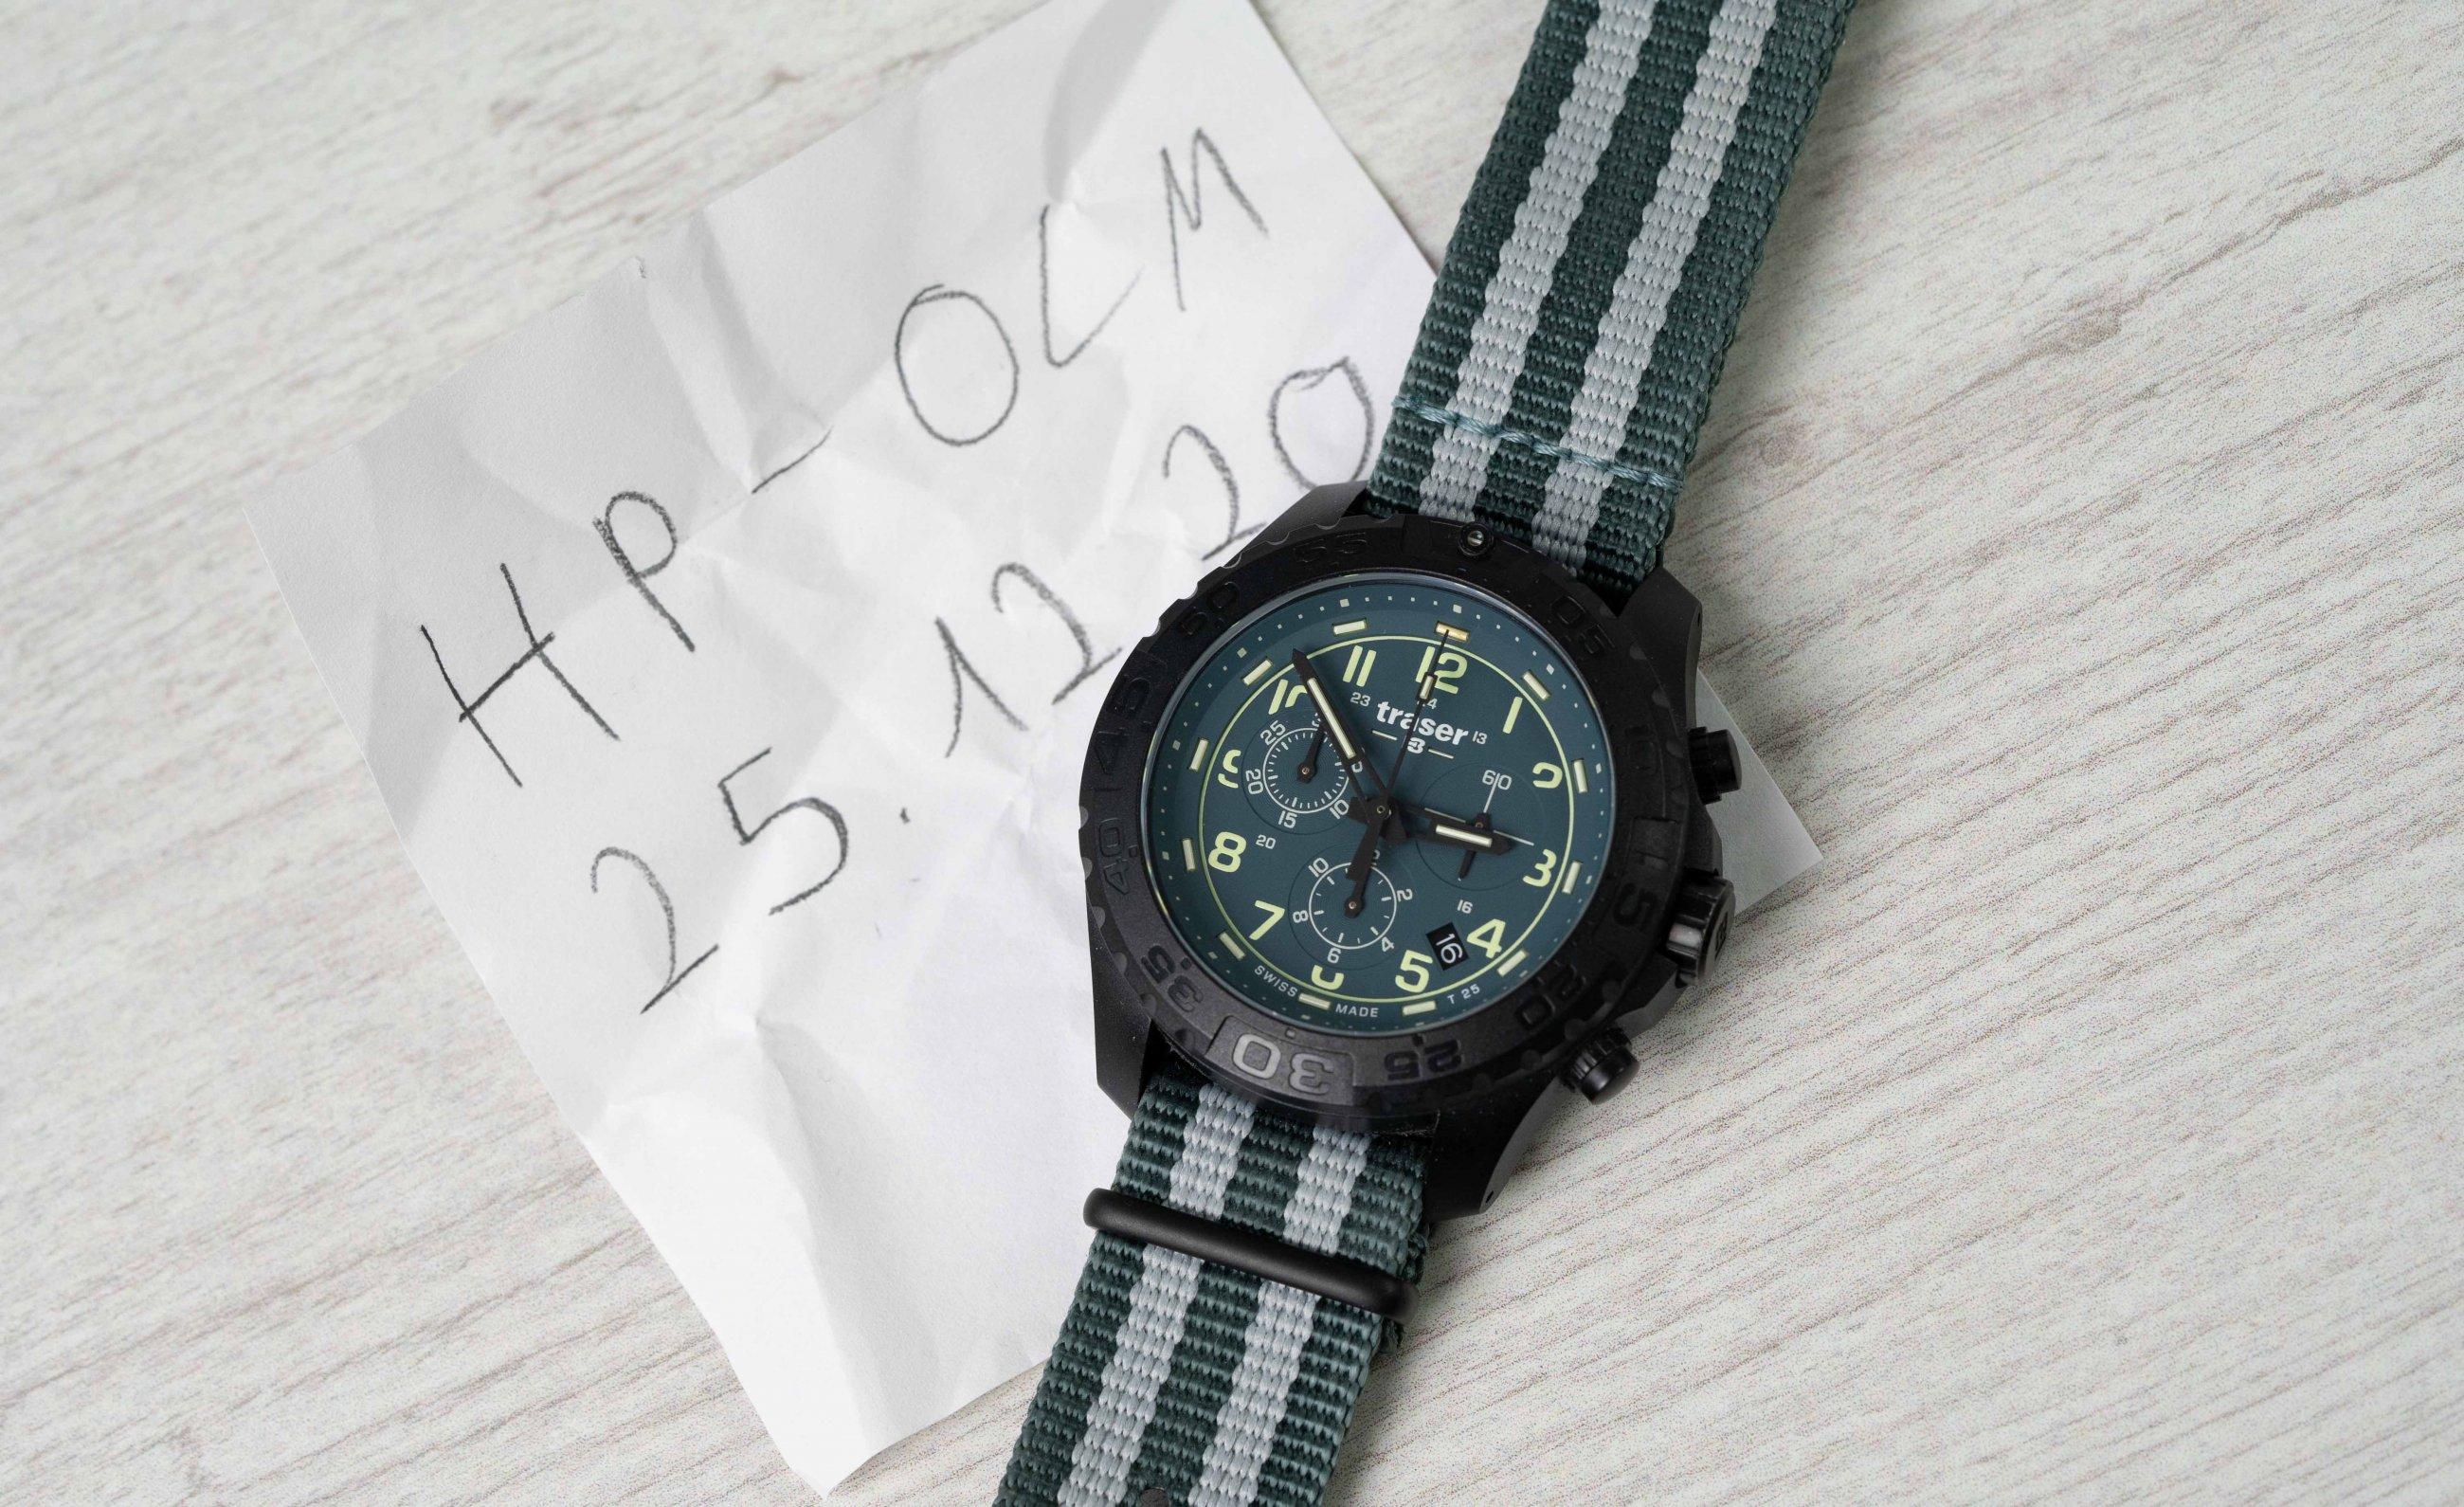 vkufo-27.JPG